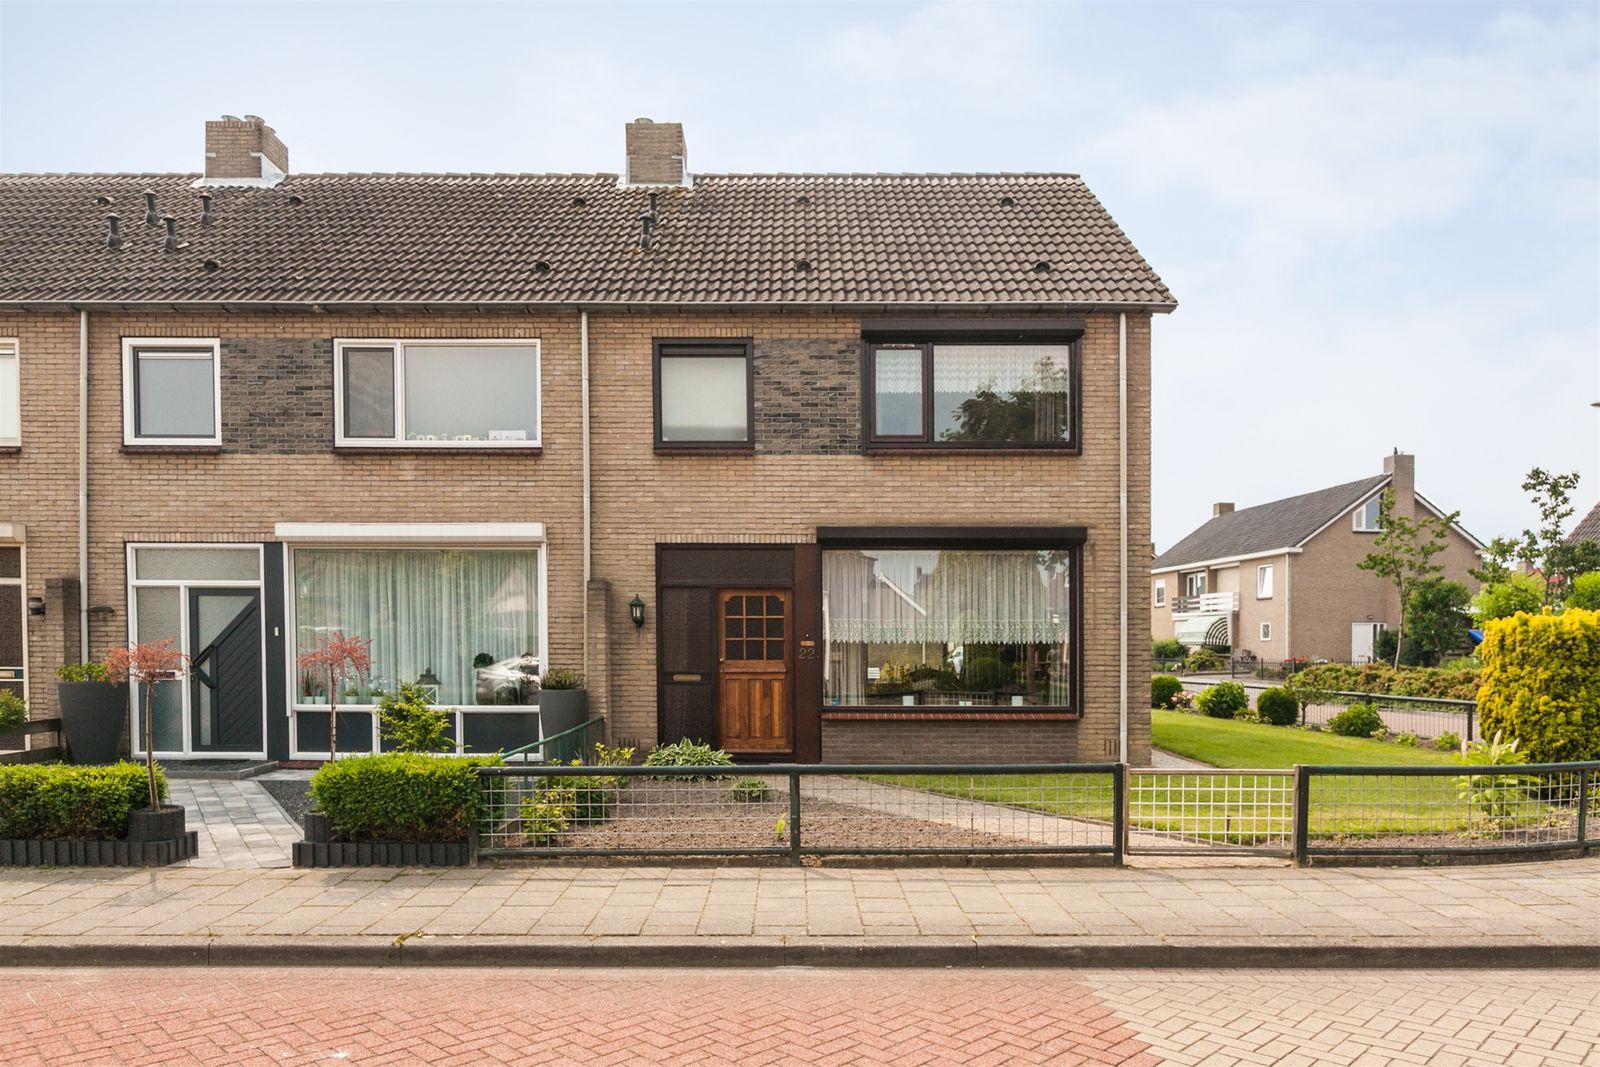 Casimirstraat 22, Driel